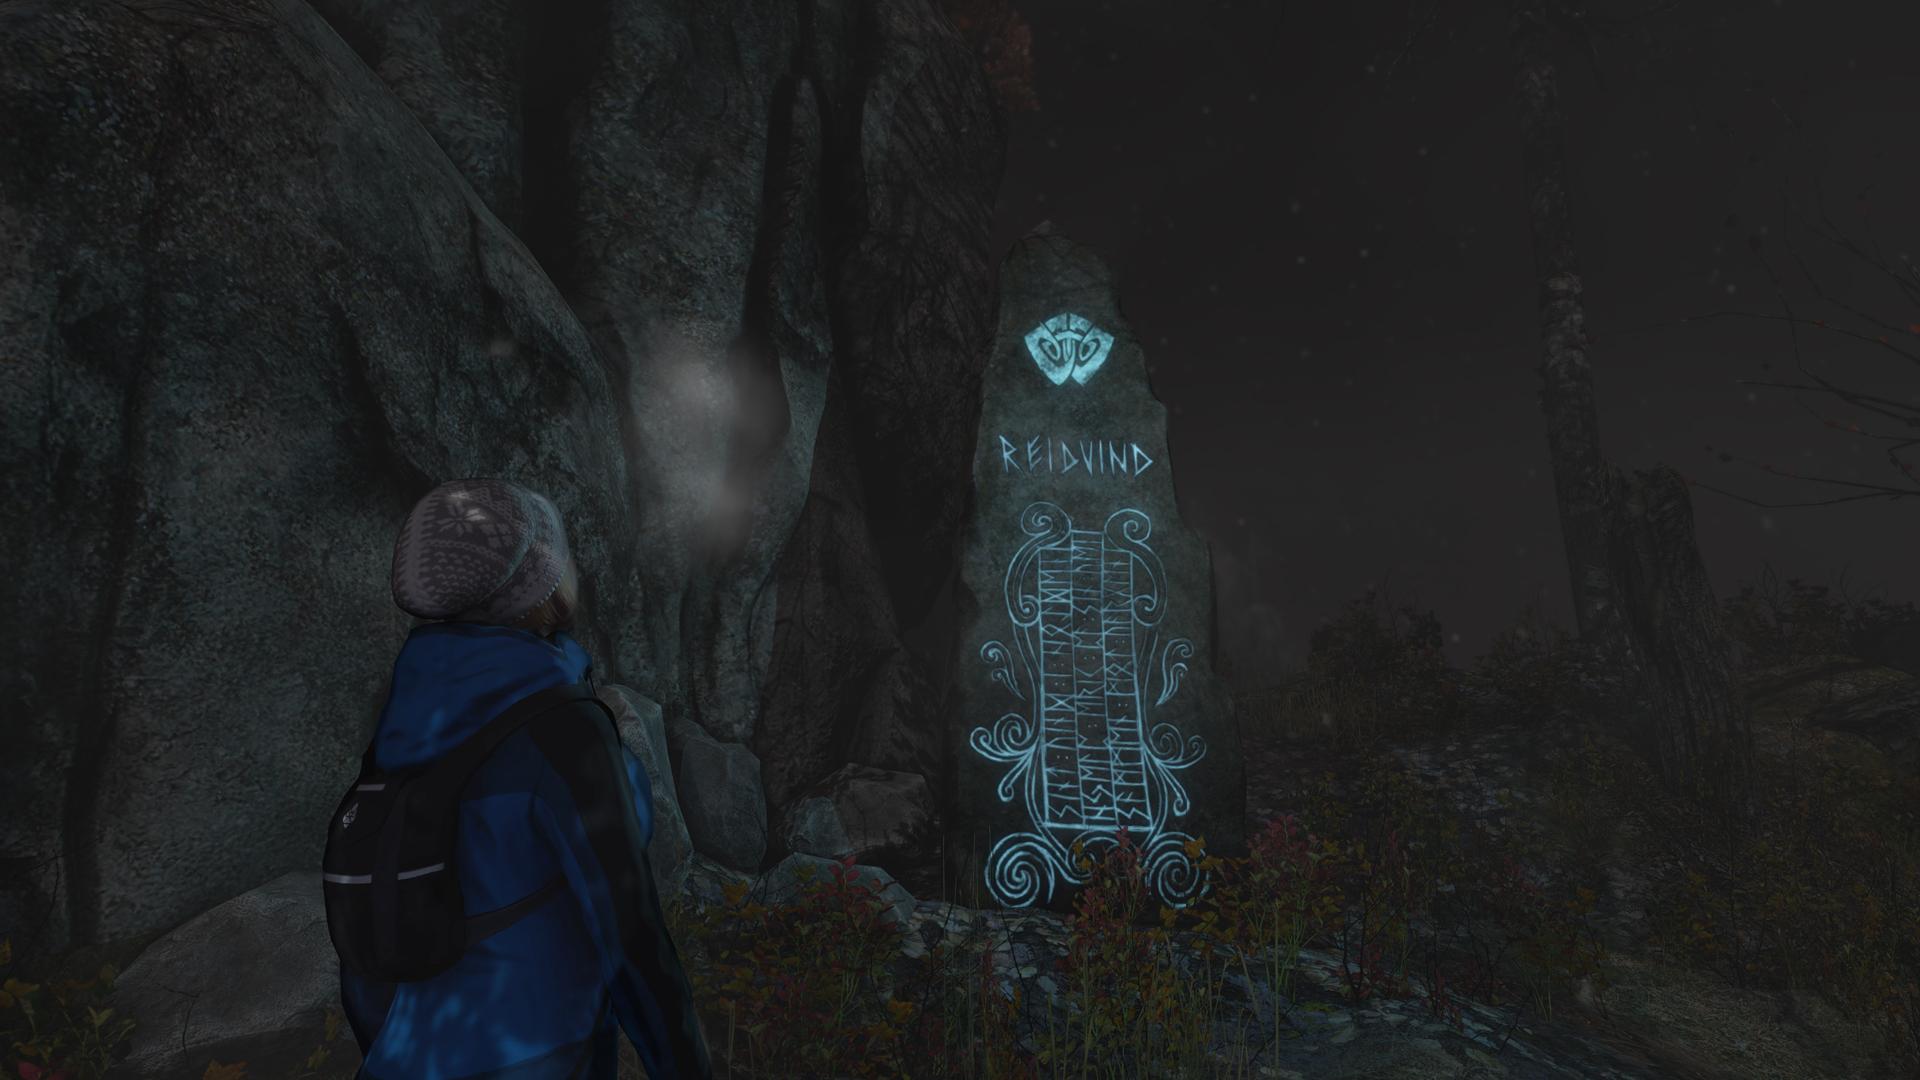 Through the Woods - Game kinh dị dựa theo một câu chuyện kể sẽ ra mắt cuối tháng này